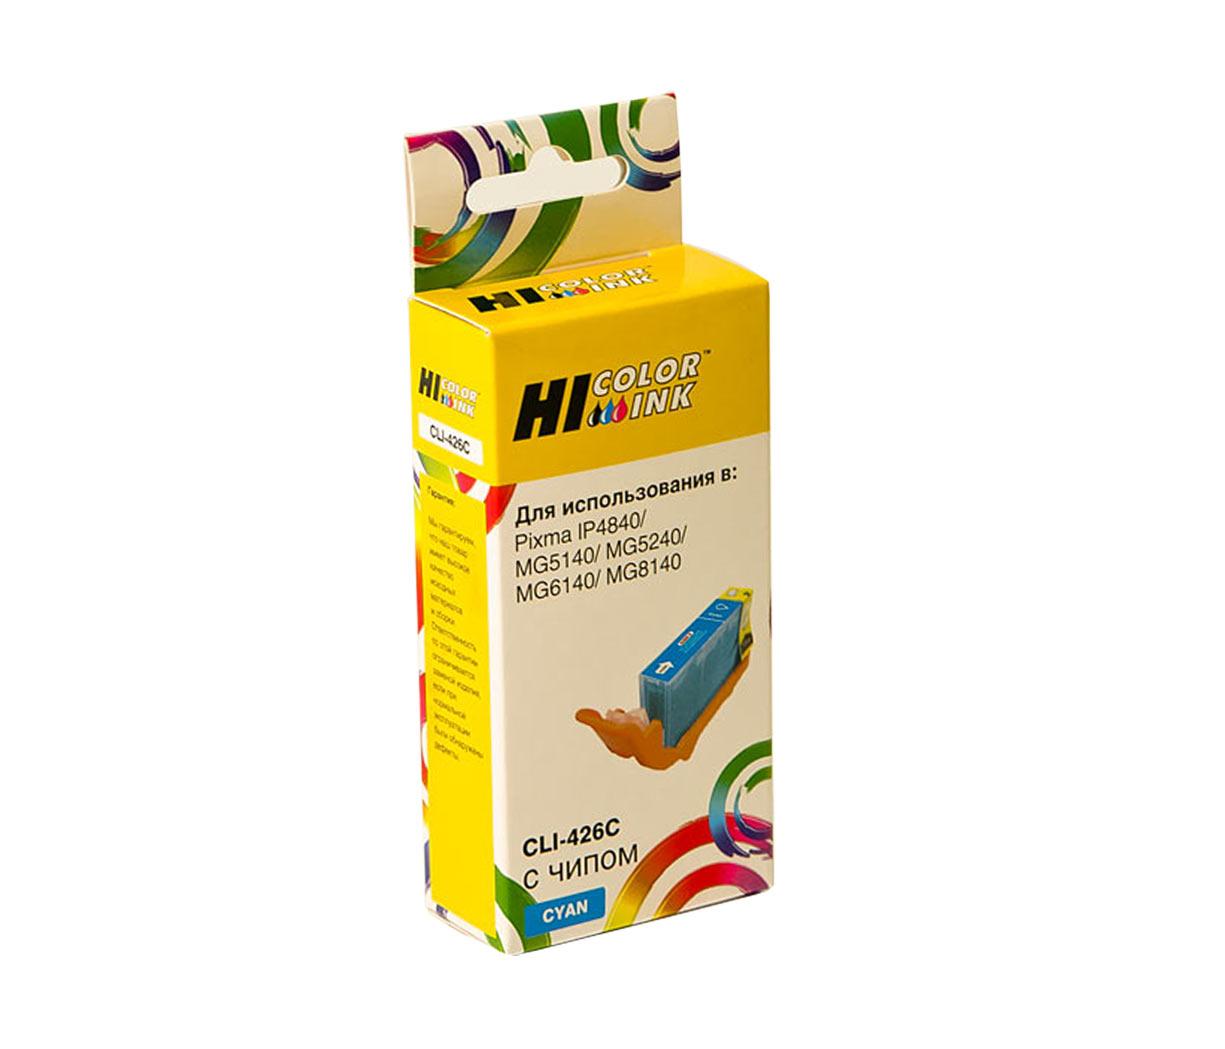 Картридж Hi-Black (HB-CLI-426C) для Canon PIXMA MG5140/5240/6140/8140, C